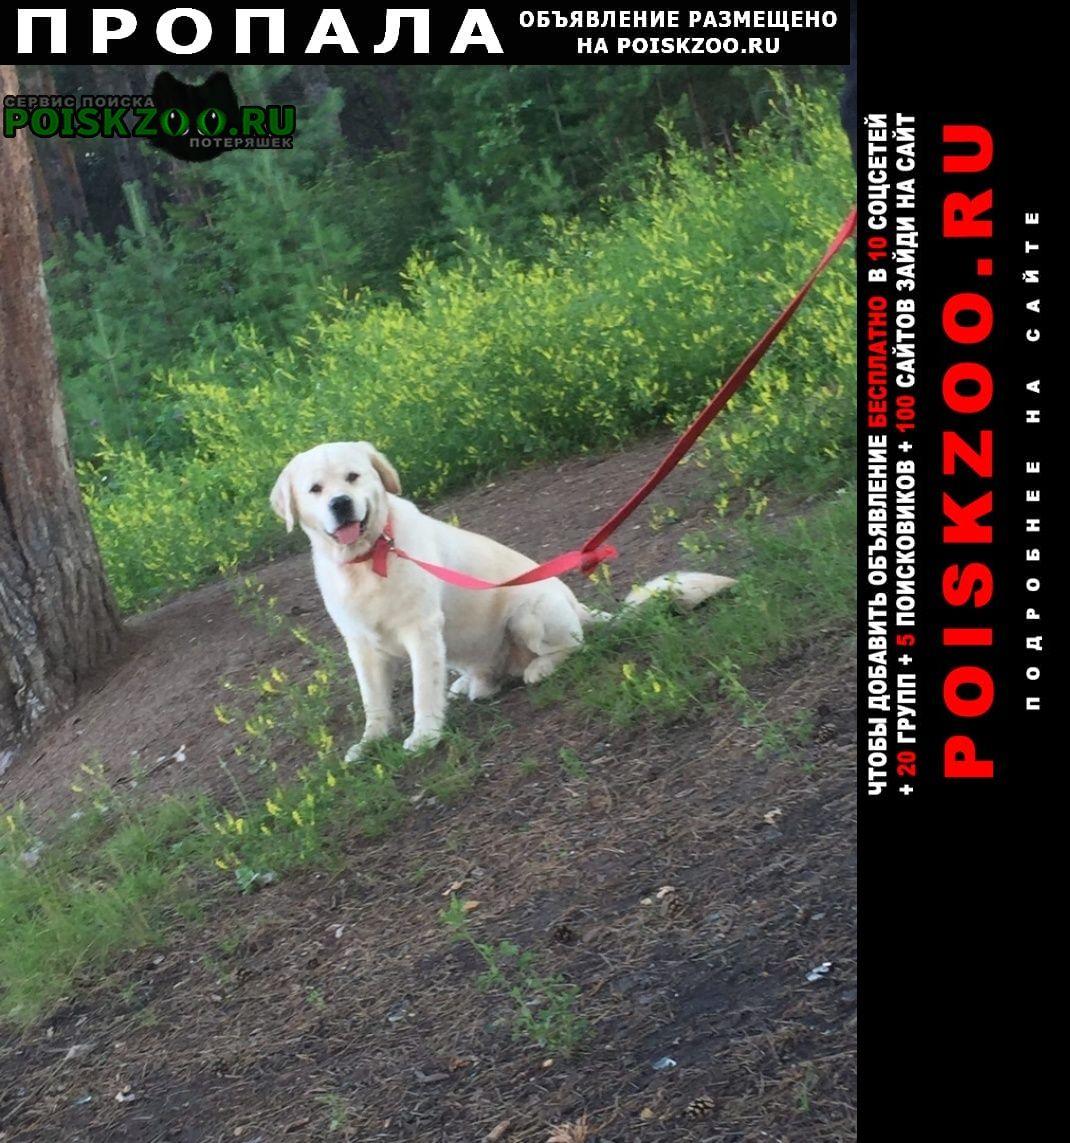 Красноярск Пропала собака золотистый ретривер